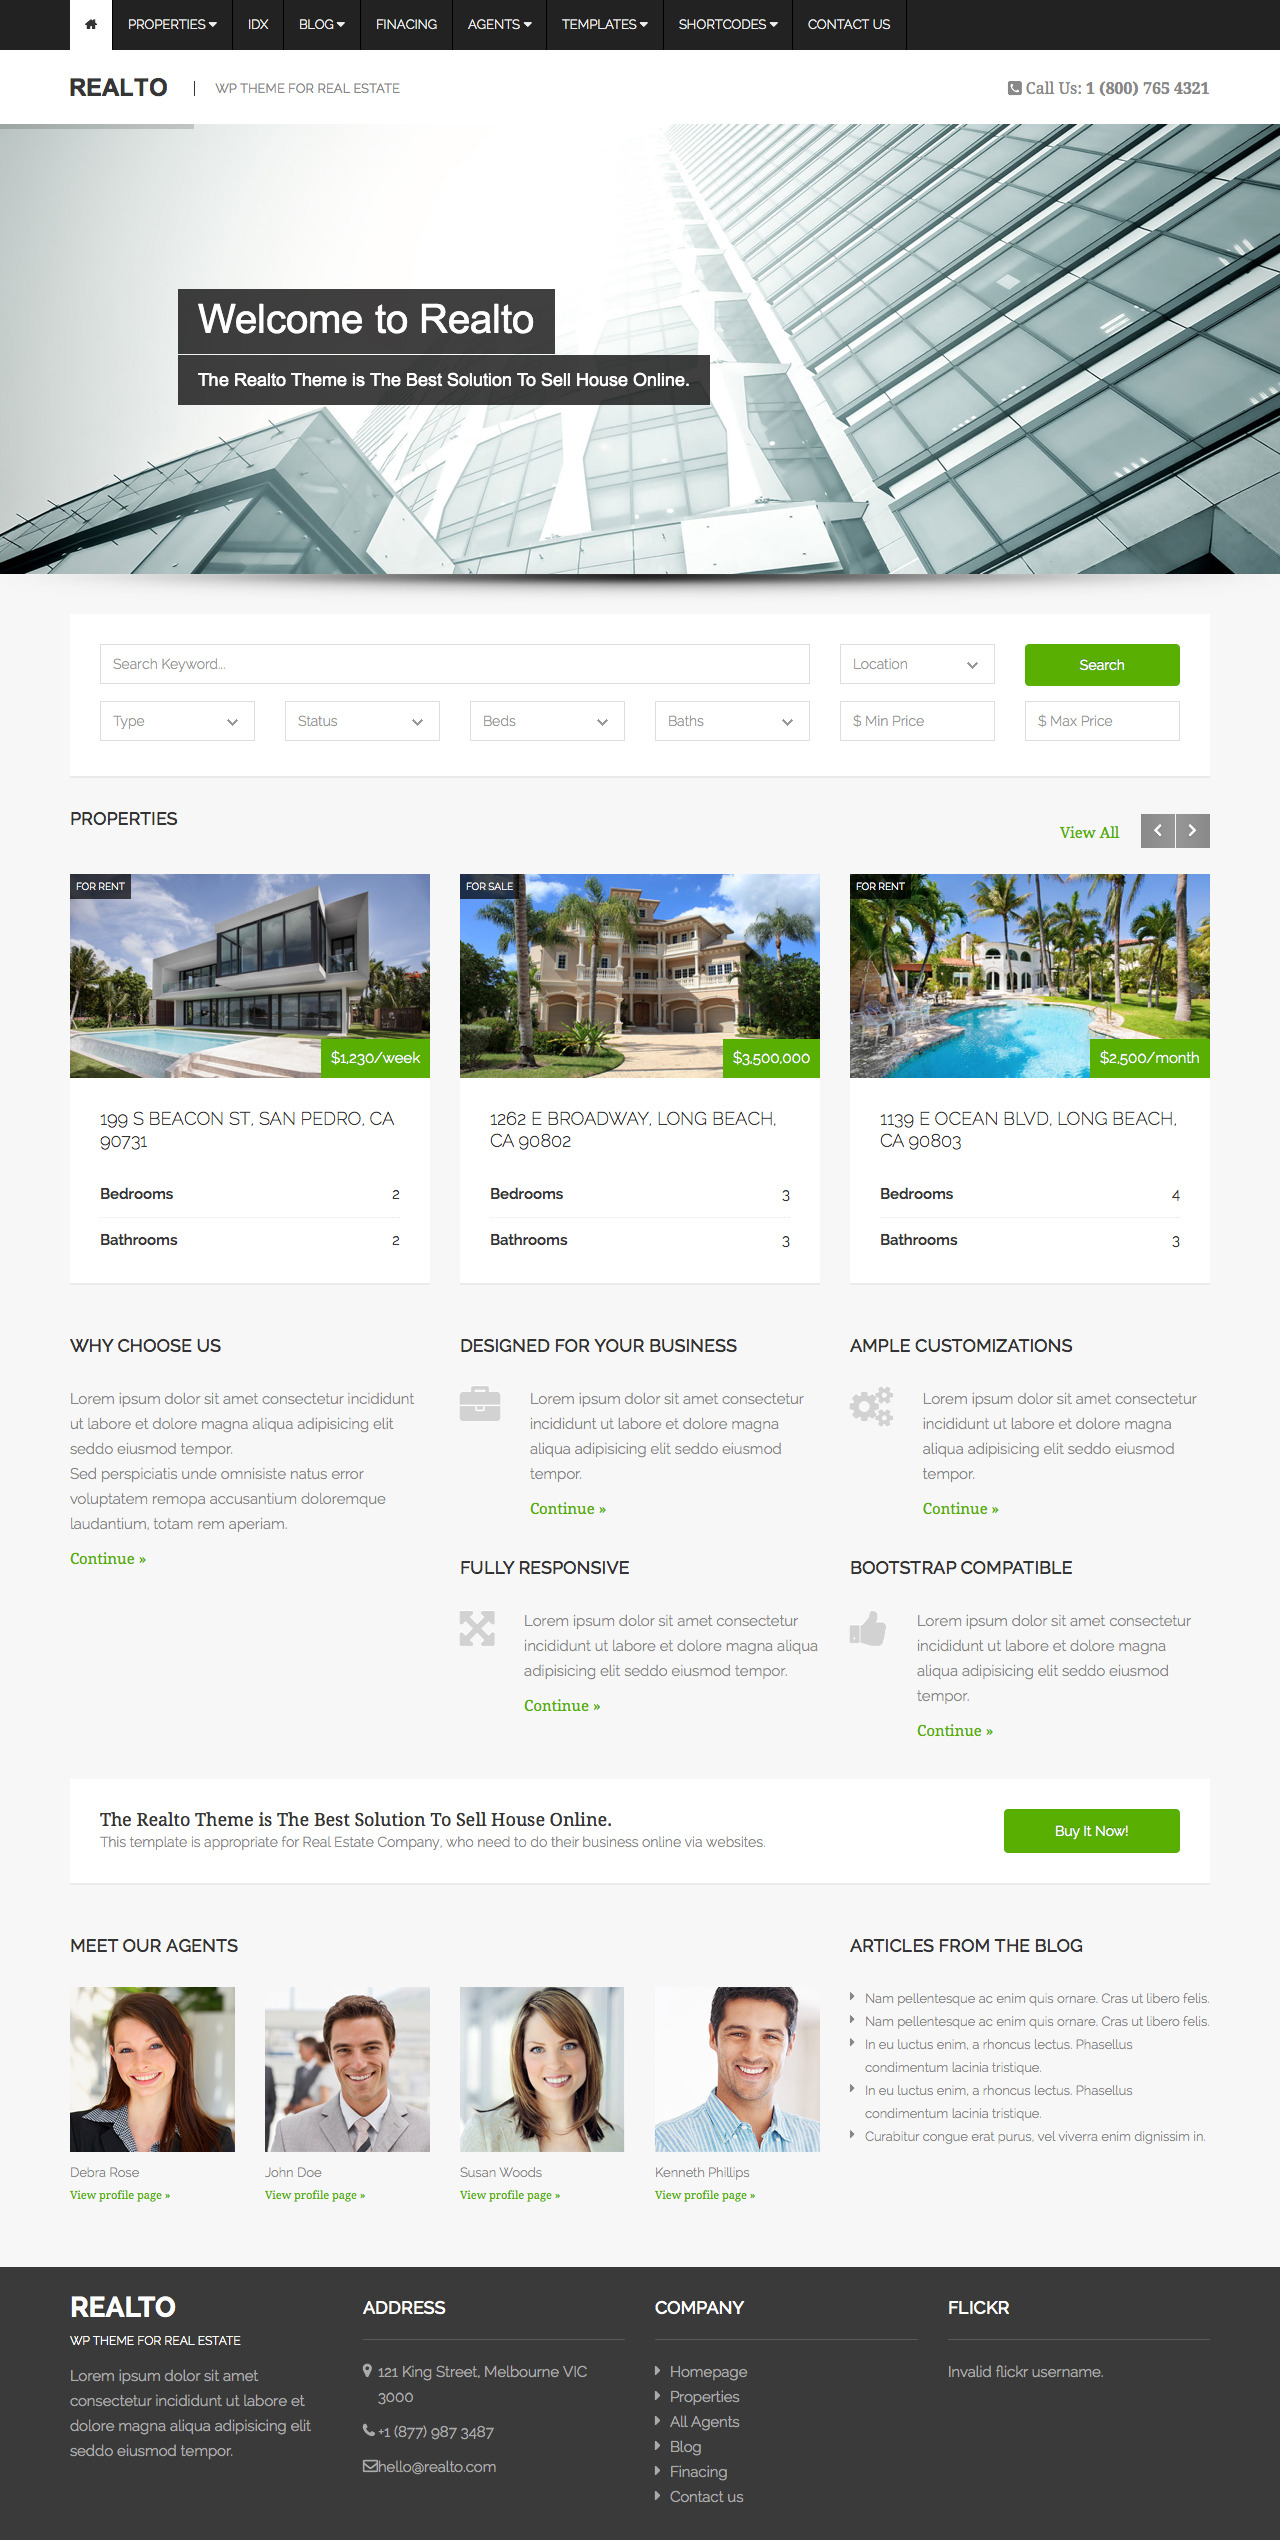 Realto - WordPress Theme for Real Estate Companies